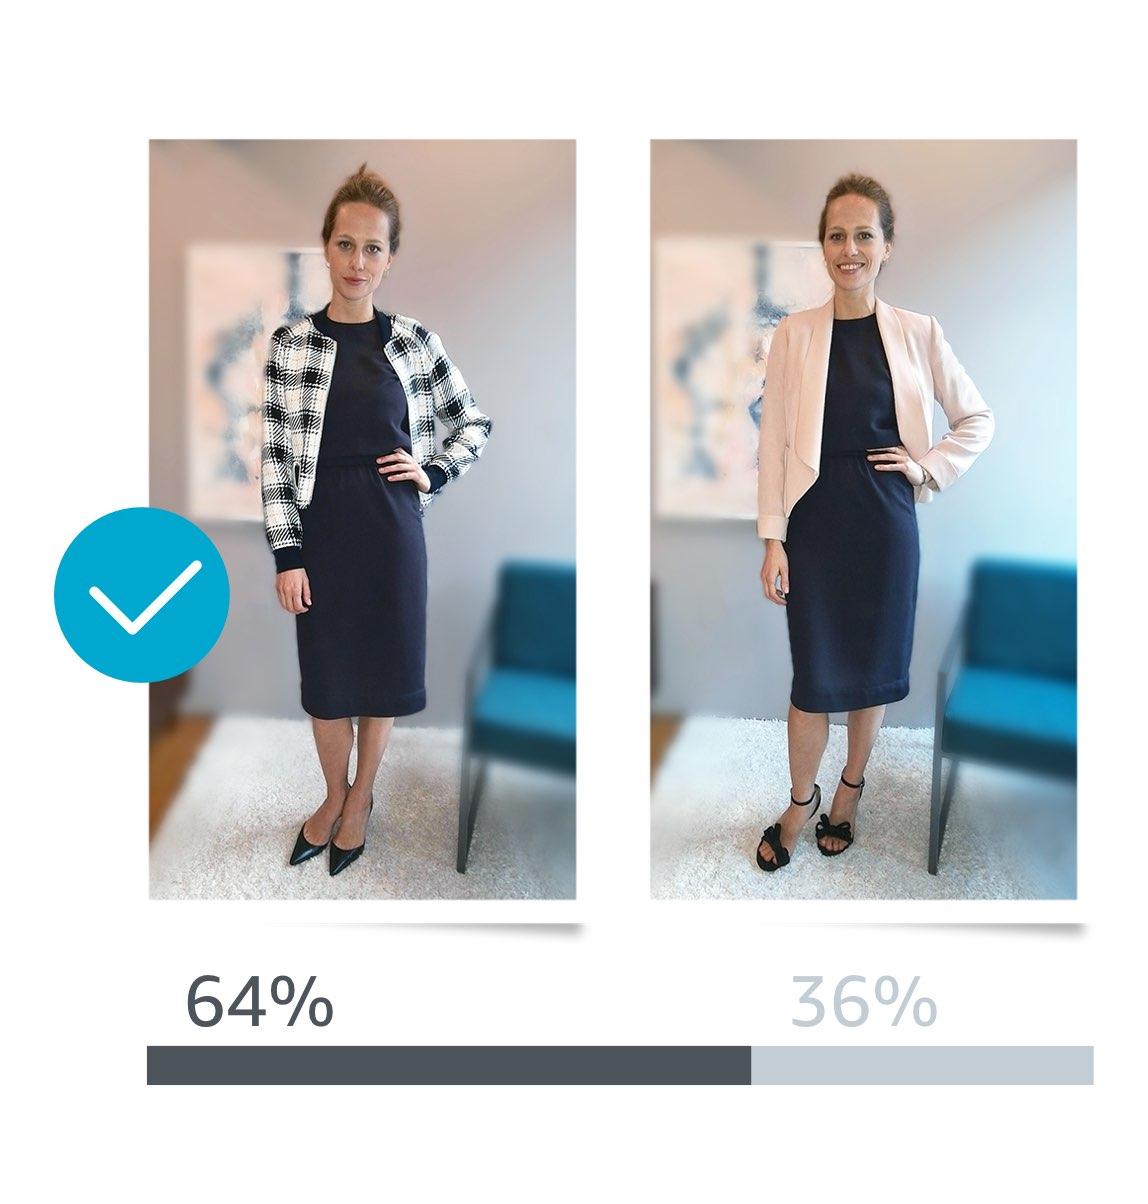 كاميرا سيلفي اختيار ملابسك